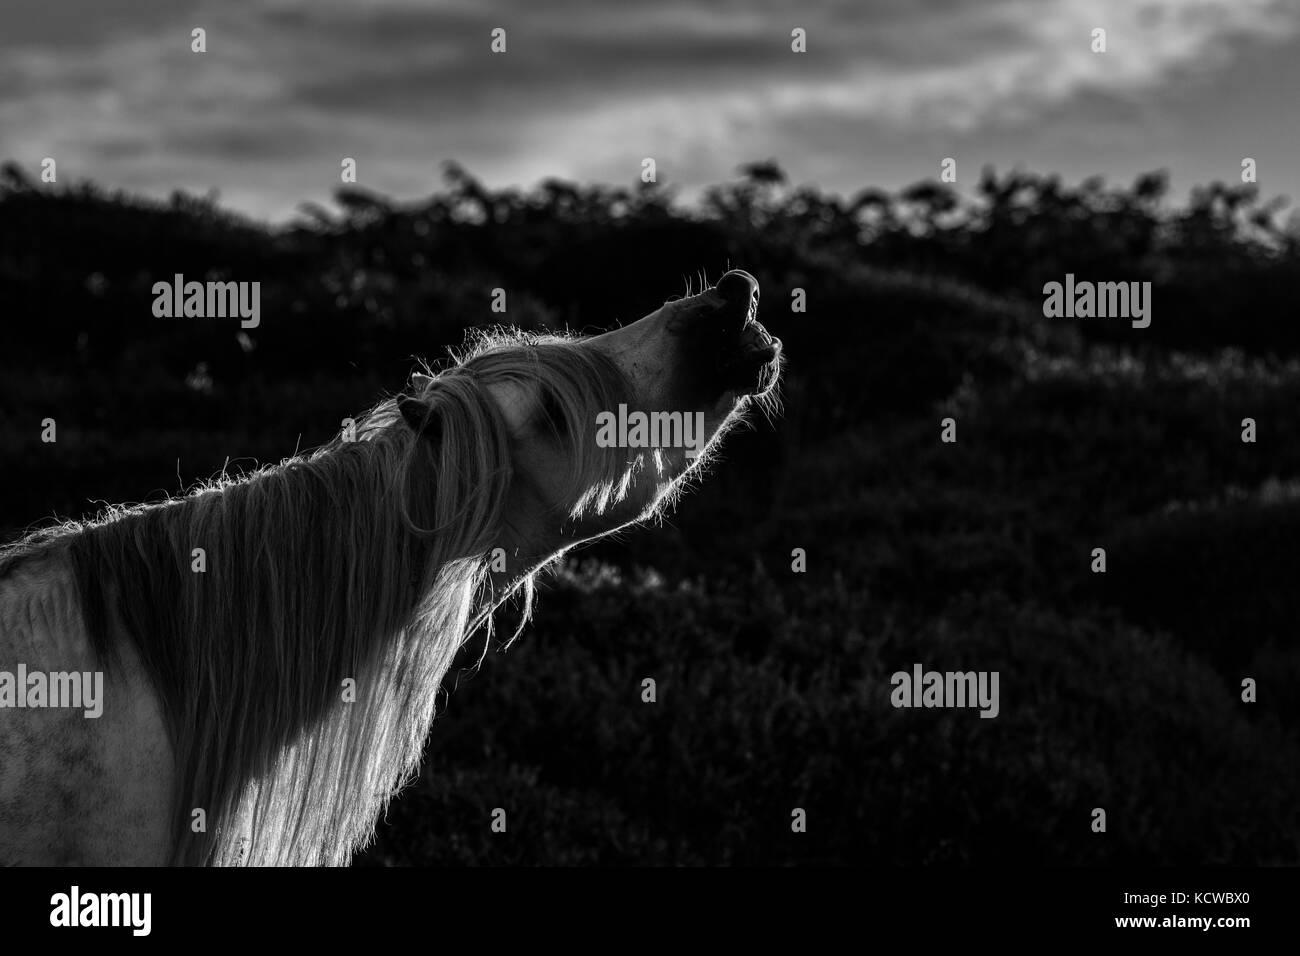 Wild Horse Stallion Sniffing Air, Flehmen Response, Black and White - Stock Image